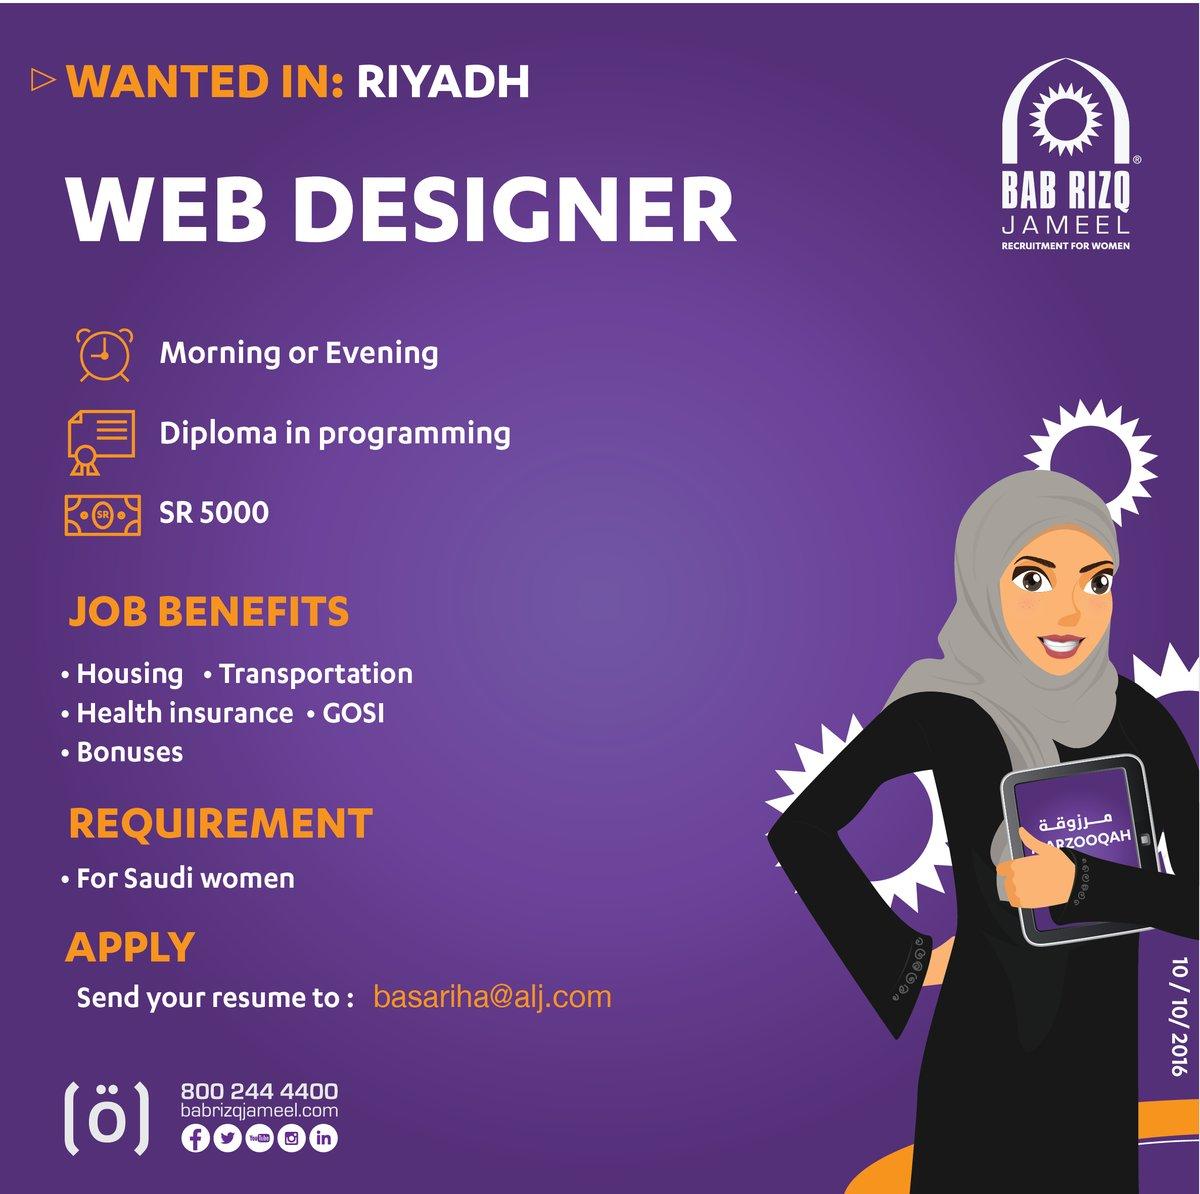 مطلوب مصممة ويب - الرياض